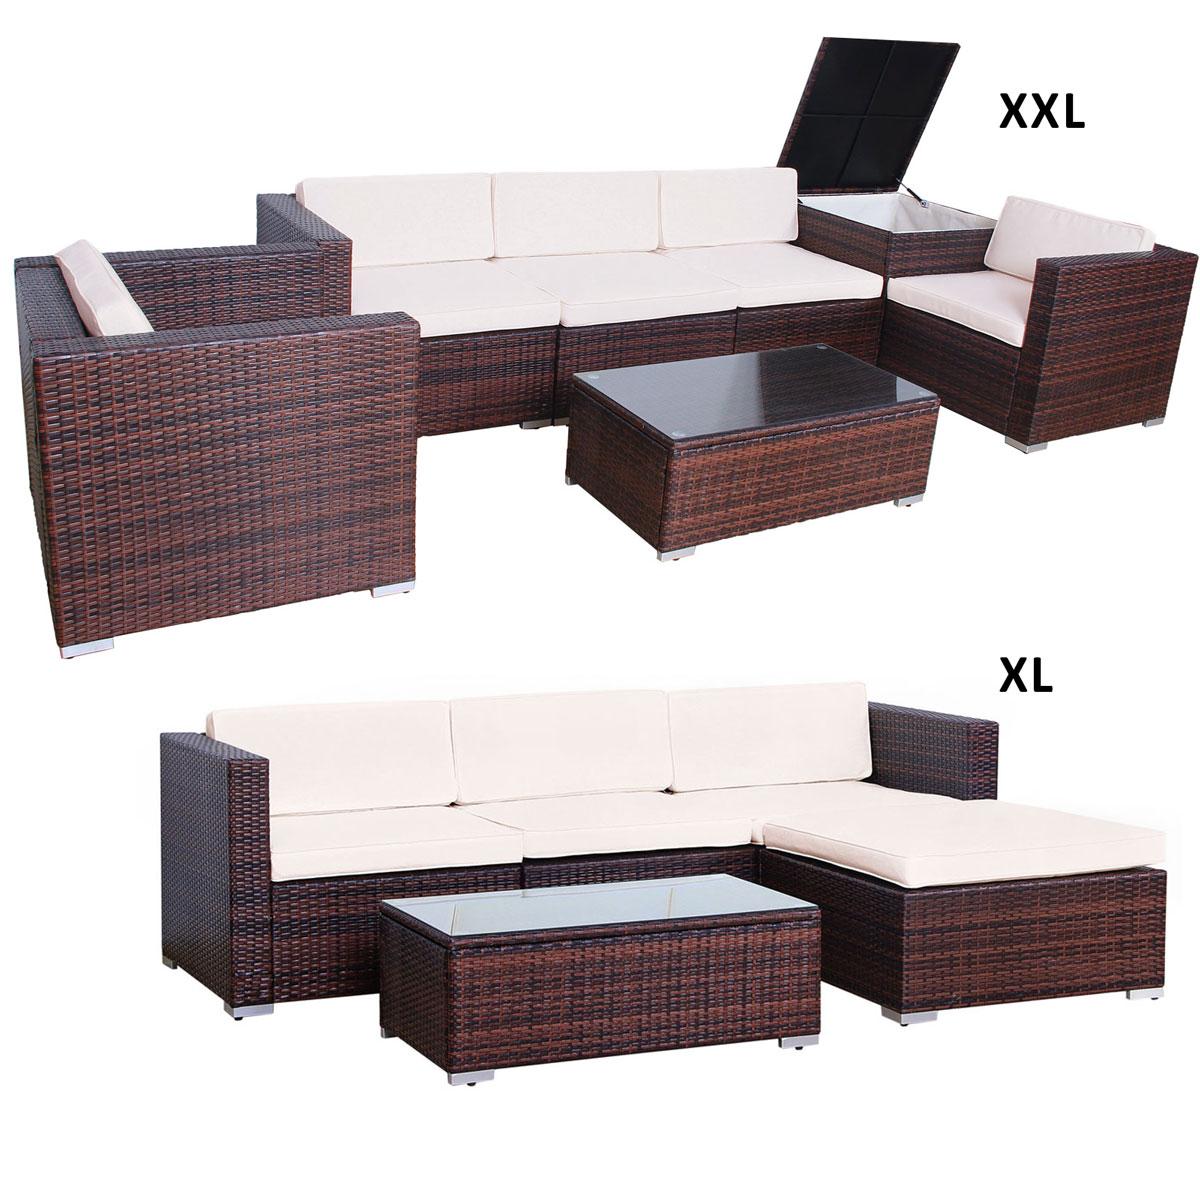 Das Bild Wird Geladen Svita Polyrattan Lounge Gartenmoebel  Set Sofa Couch Garnitur